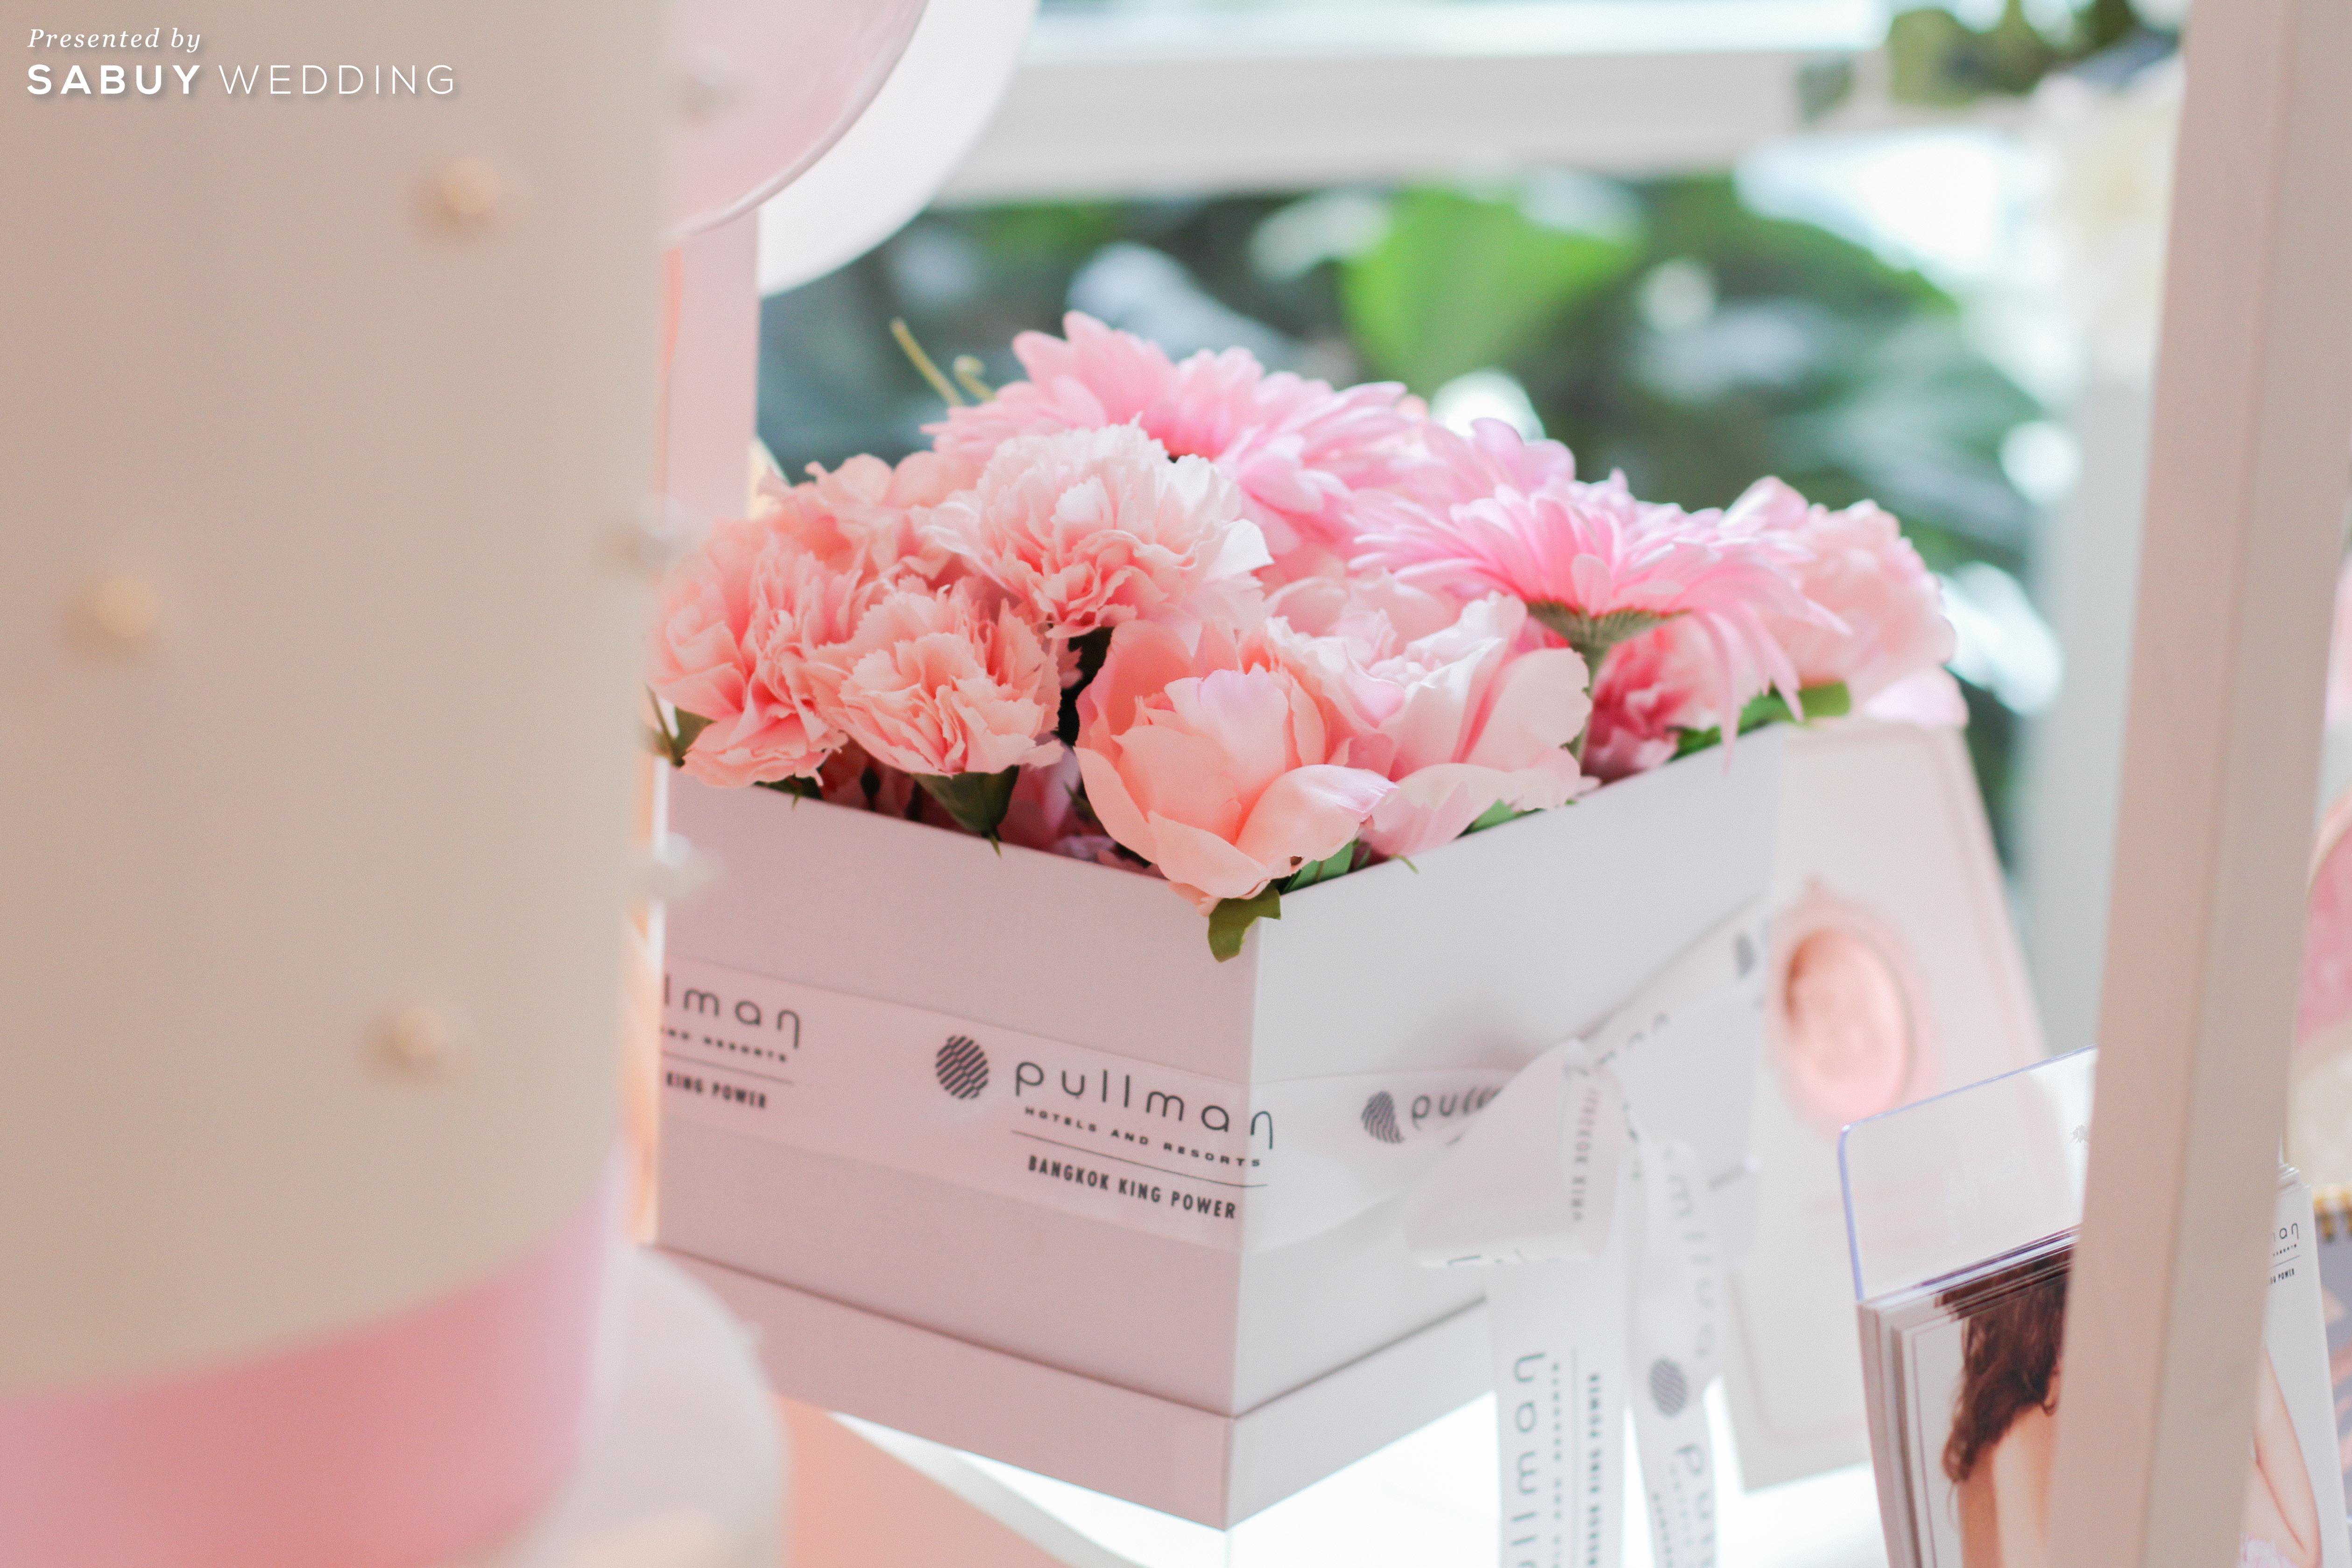 เตรียมพร้อมสำหรับงานแต่ง! ที่งาน The Wedding Pop-up Store แล้วจองจริง พร้อมรับสิทธิประโยชน์ในงาน Showcase 14-15 ก.ย. นี้ @ Pullman Bangkok King Power